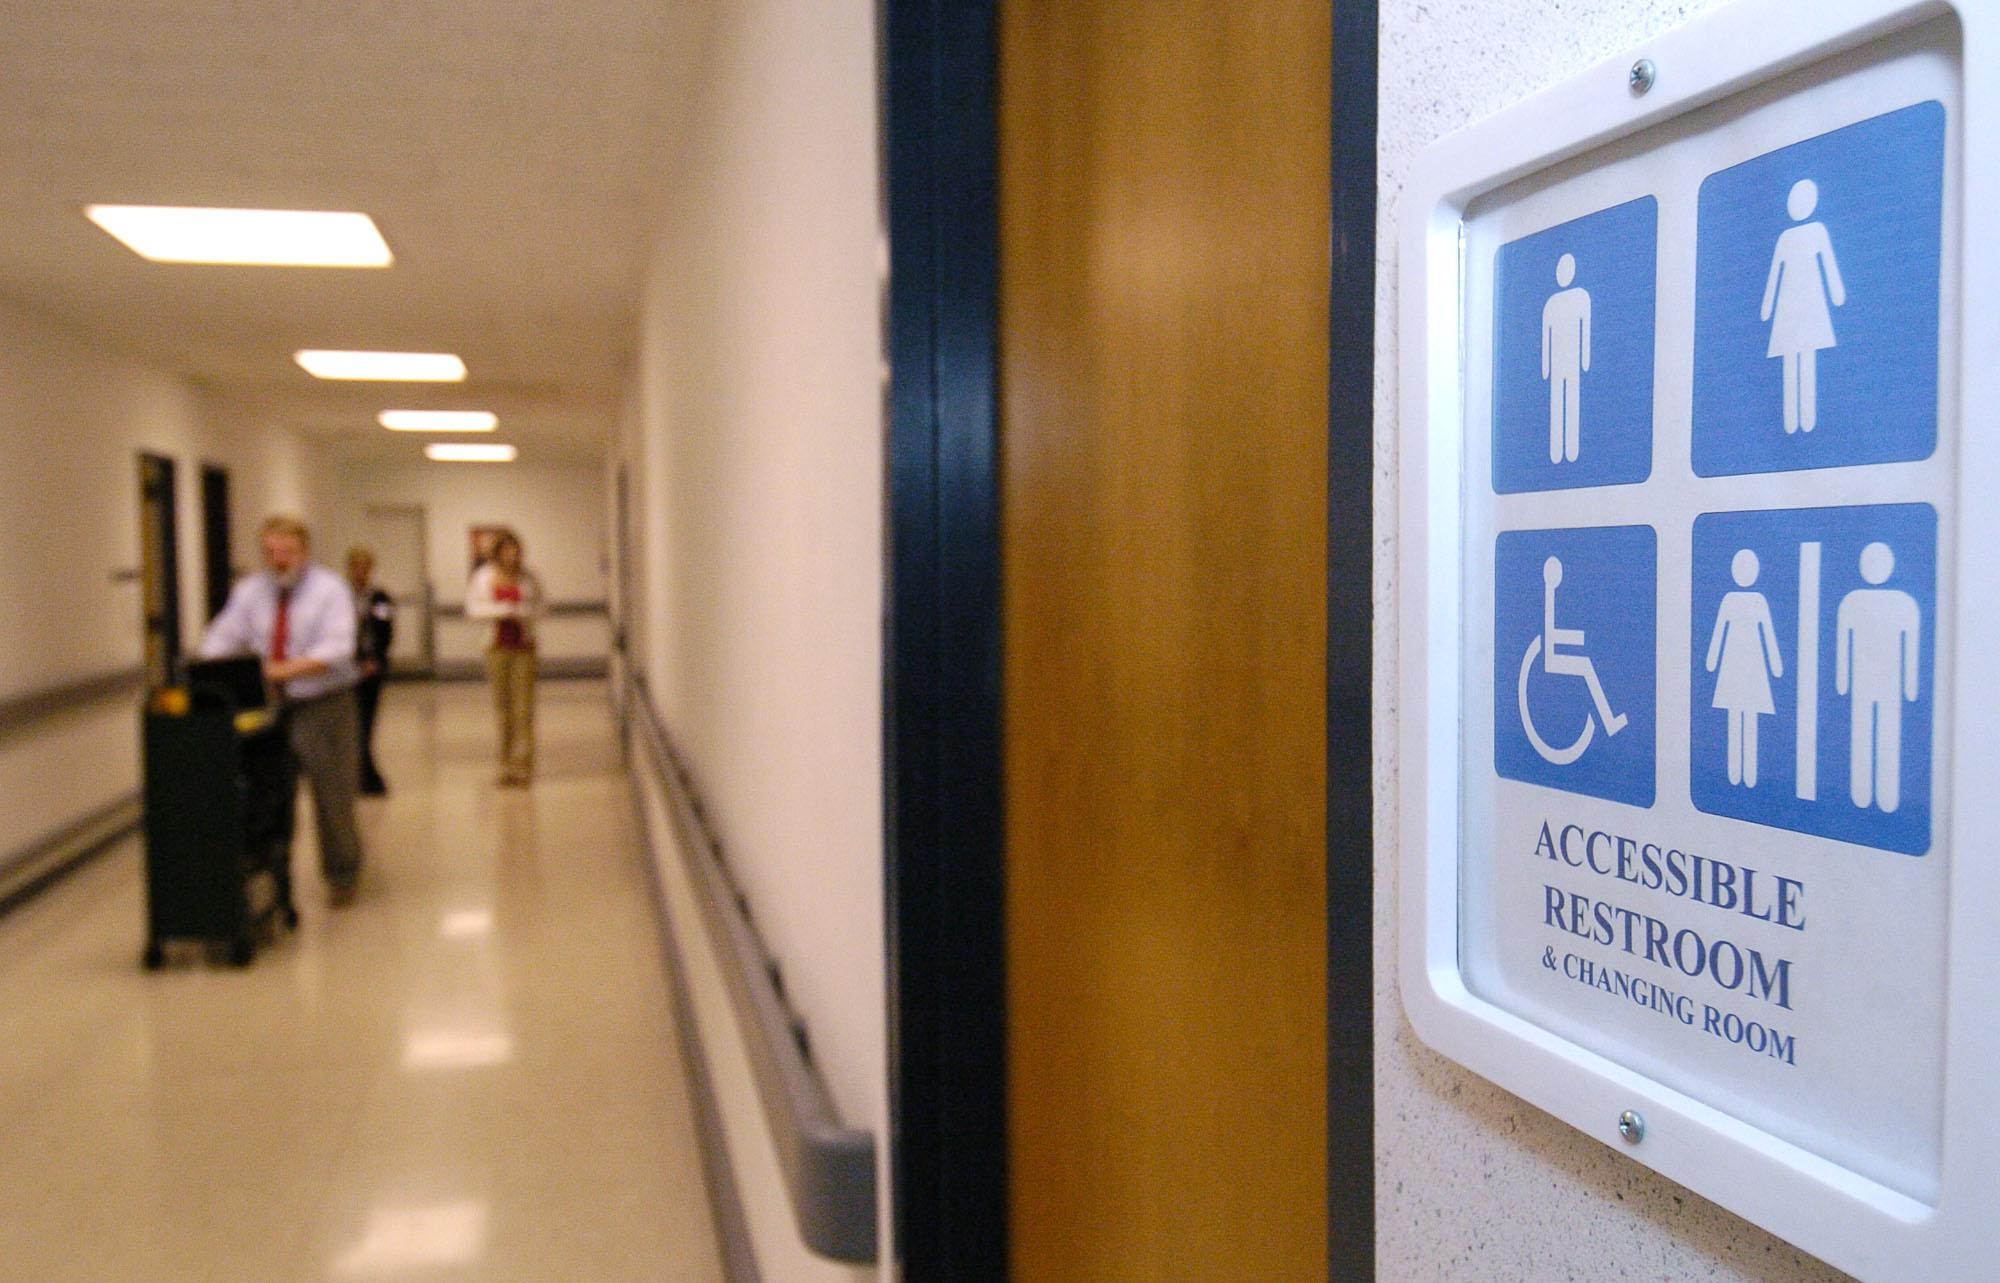 School transgender rights bill passes in Fairfax County Virginia